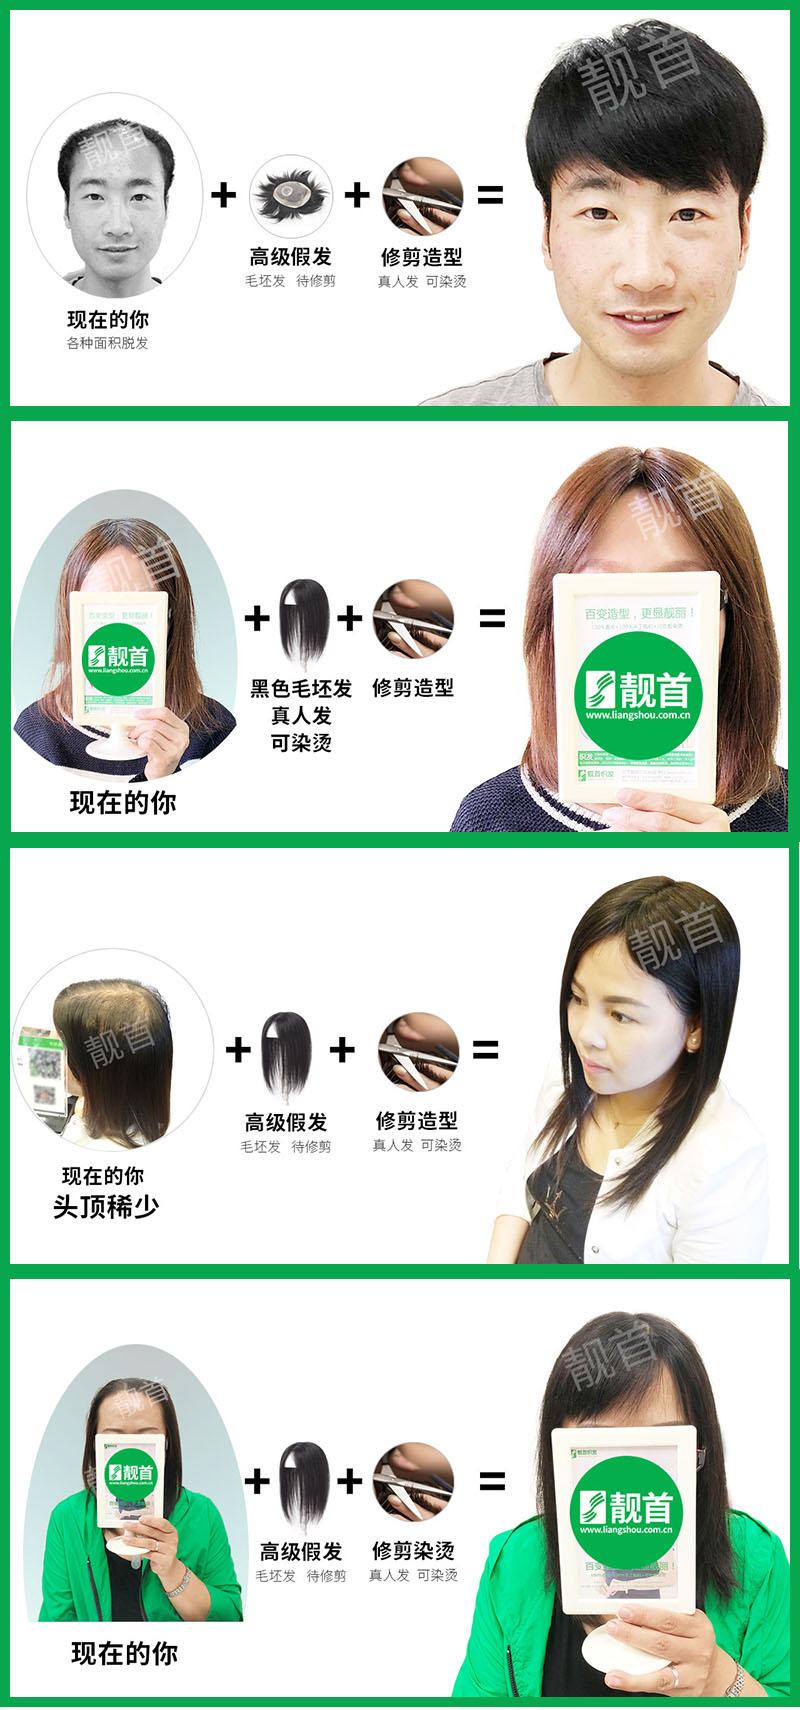 手工制作假发是怎么回事?逼真吗?